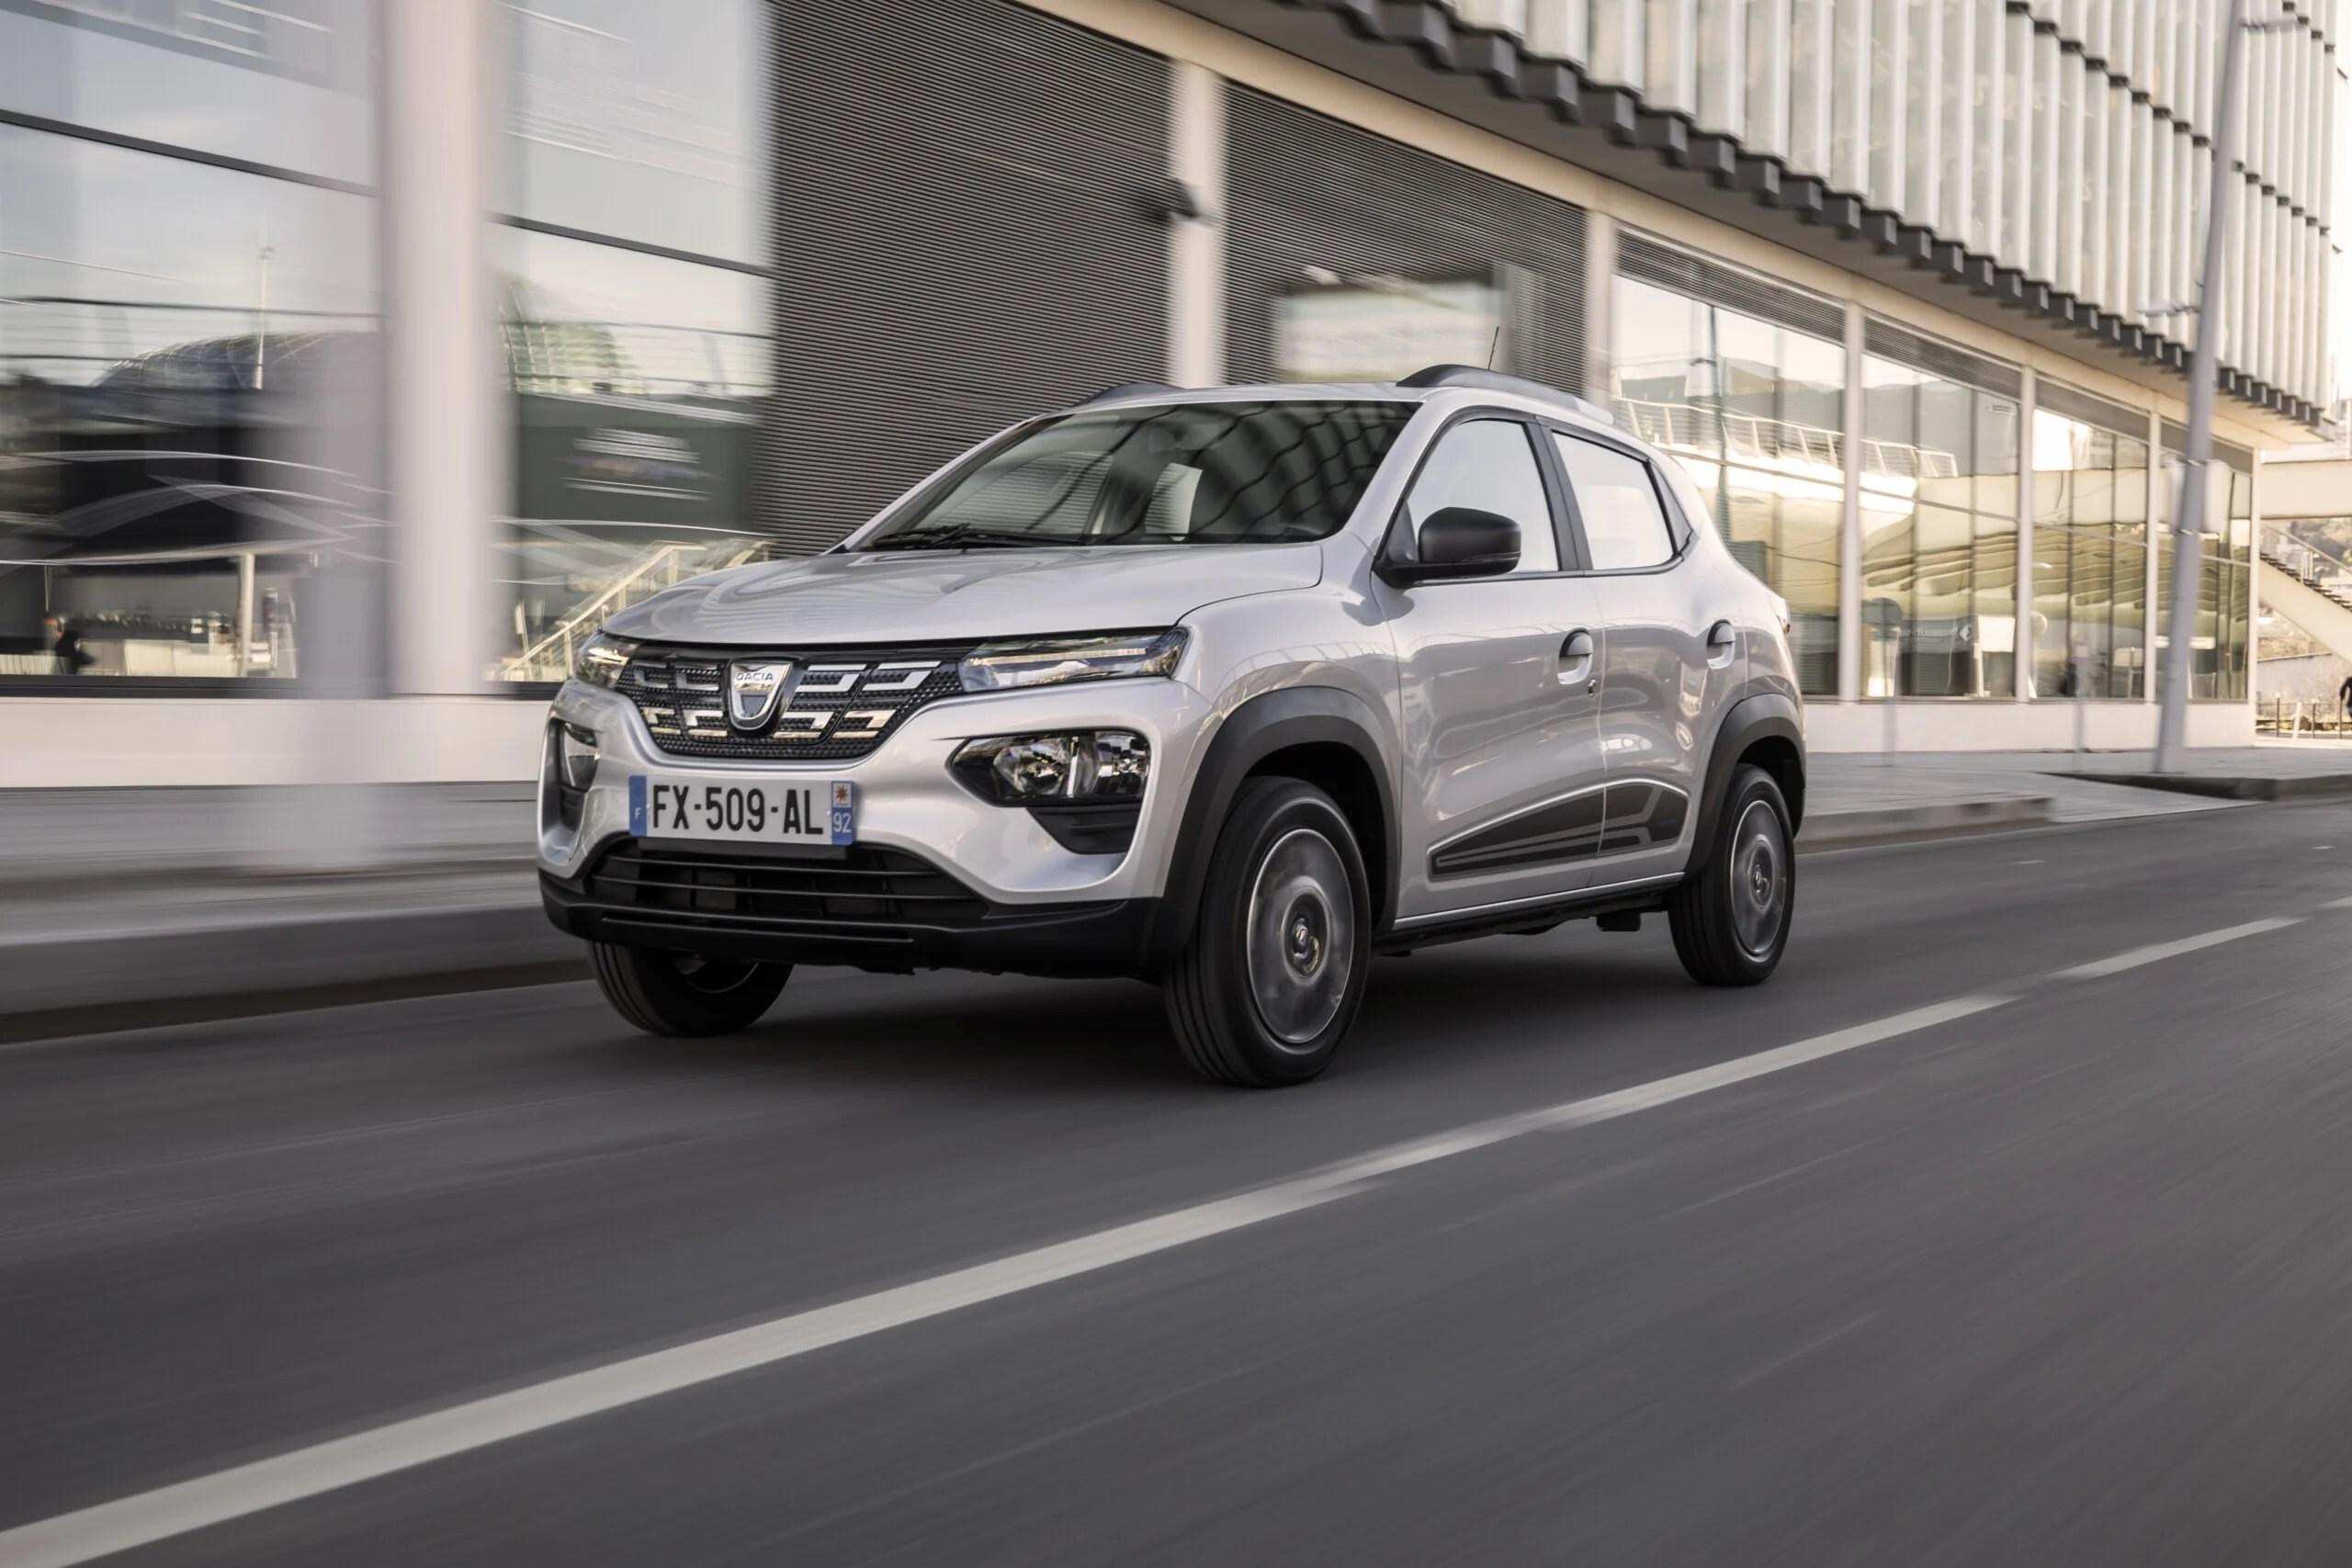 Essai de la Dacia Spring: que vaut la moins chère des voitures électriques?